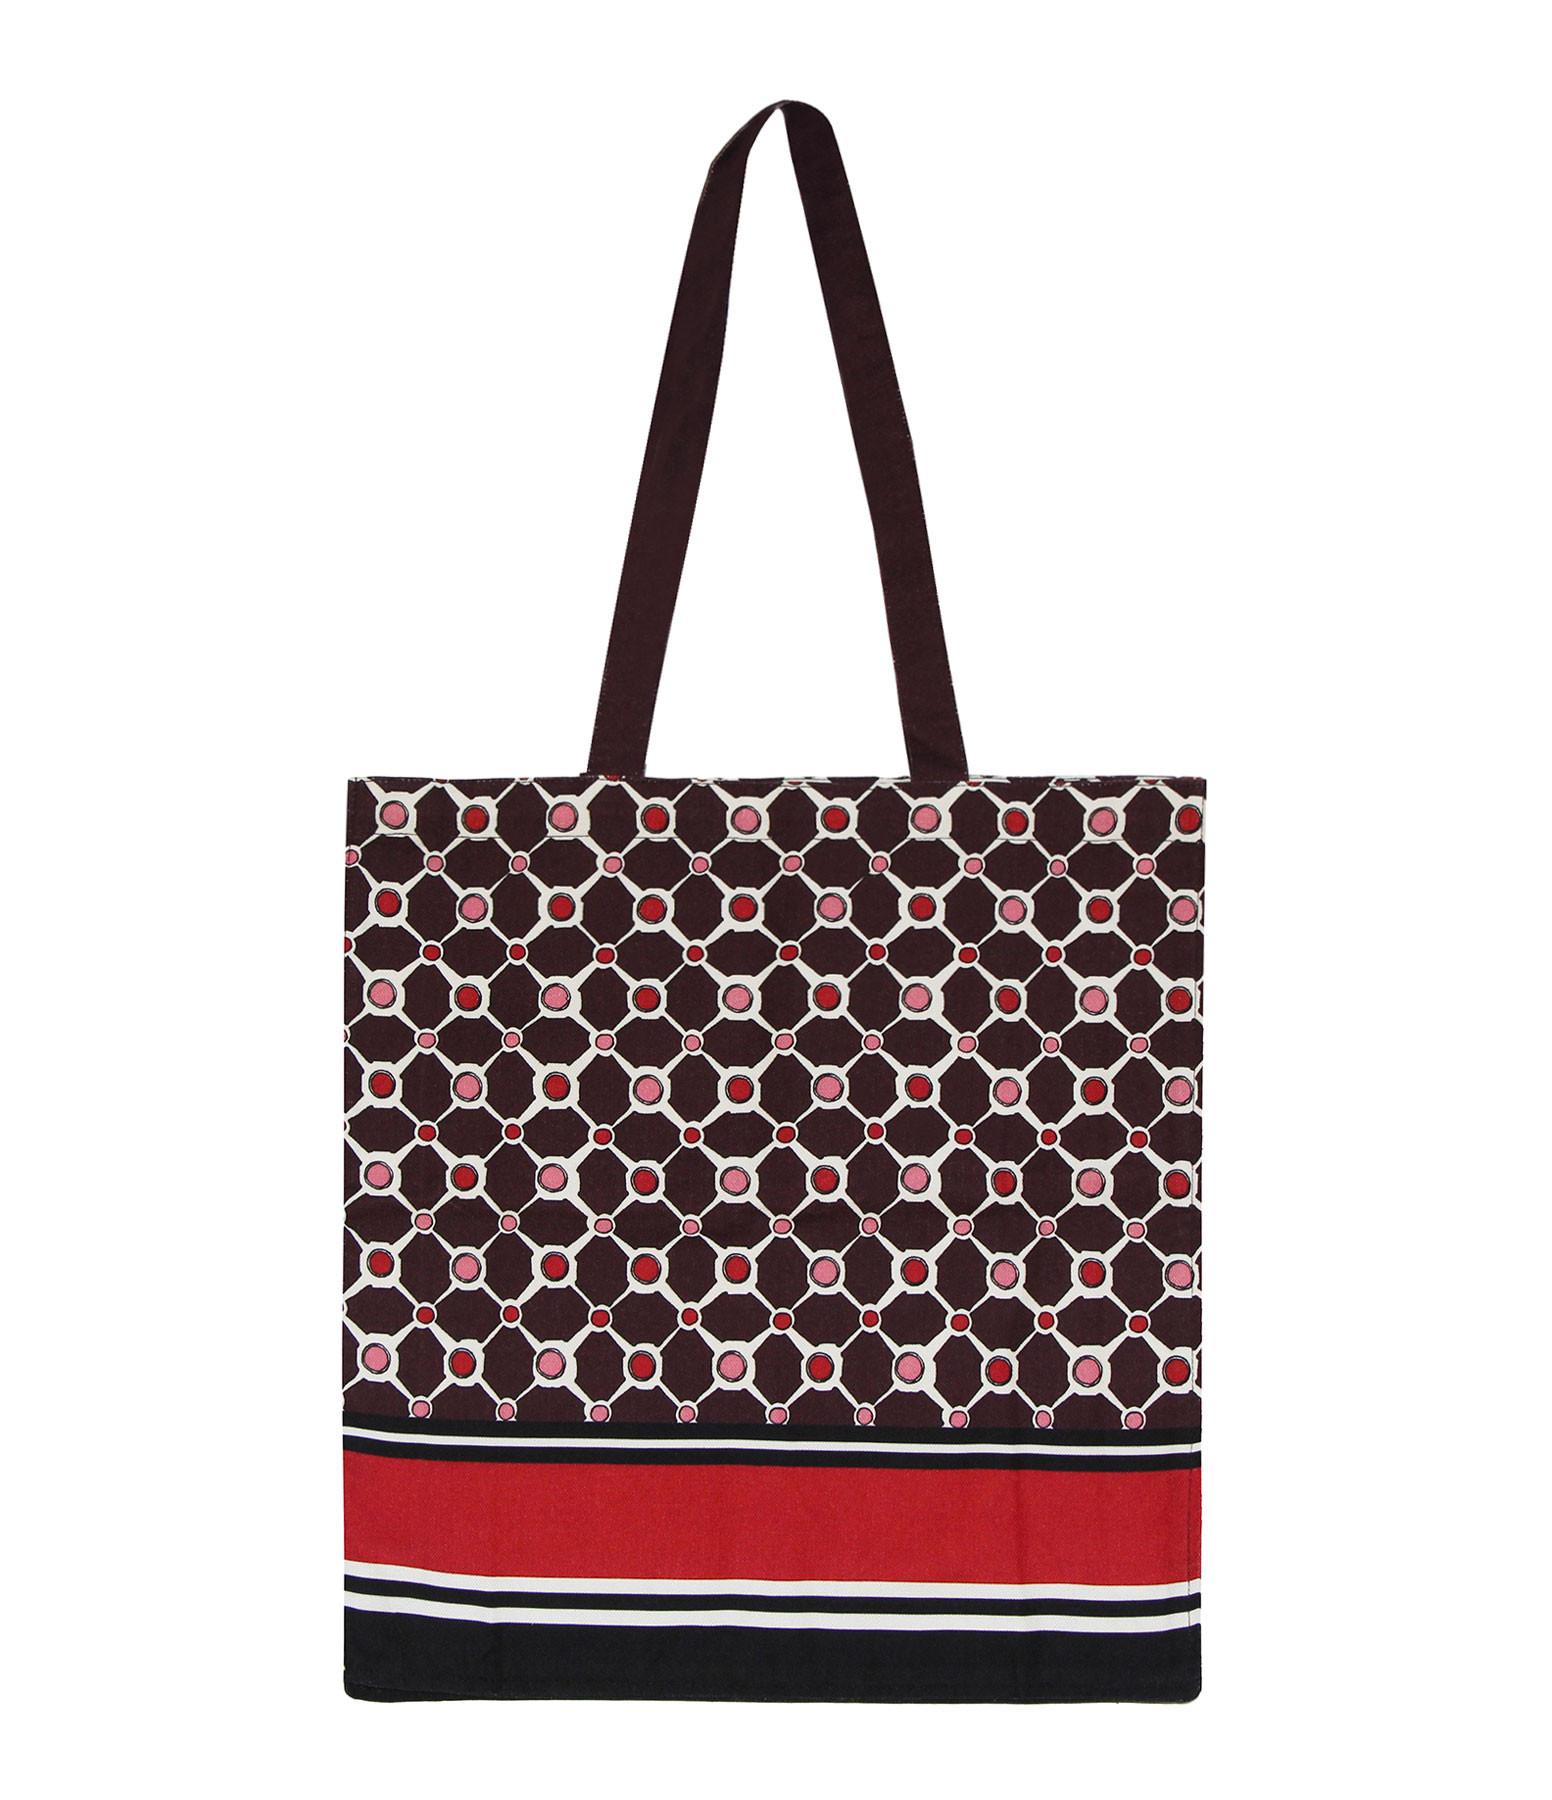 MAISON SARAH LAVOINE - Tote Bag Tuileries Aubergine